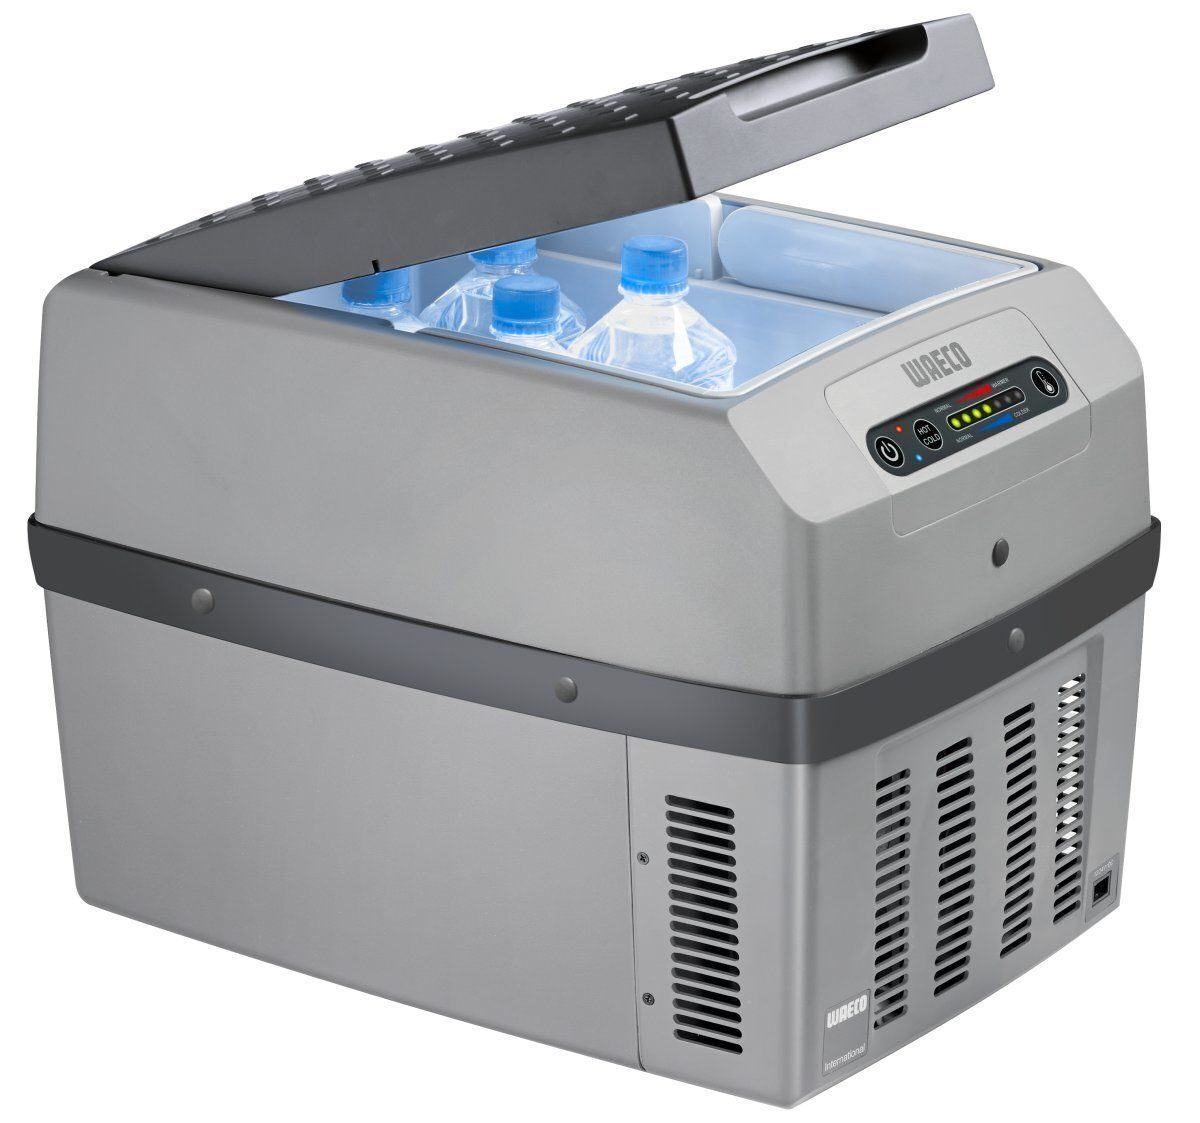 Меню управления для автохолодильника waeco tc-14fl